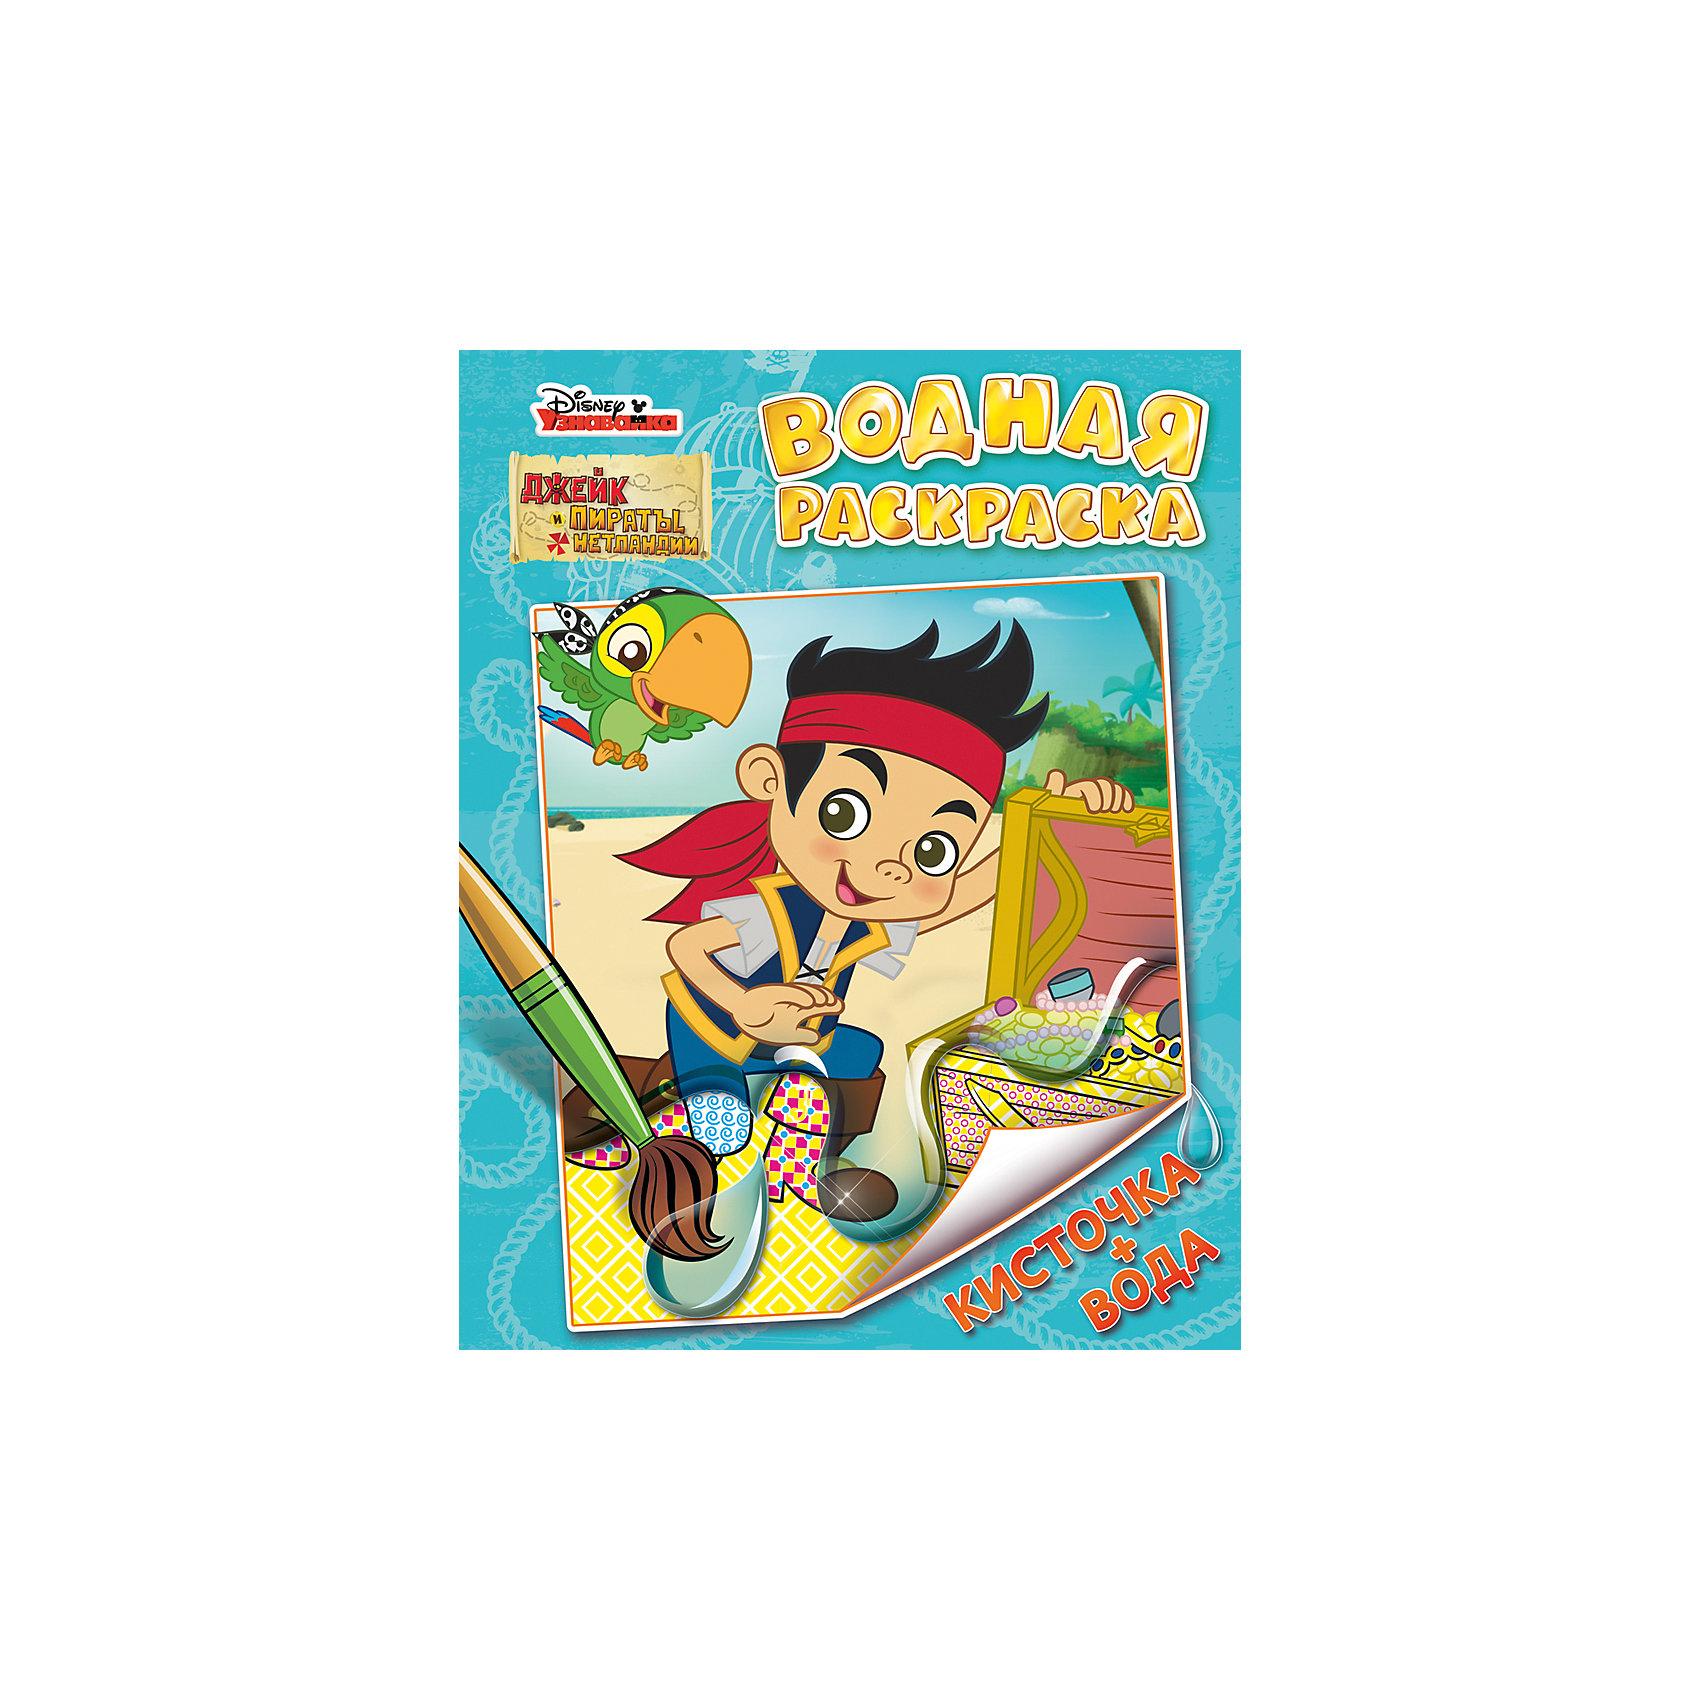 Росмэн Водная раскраска, Disney Джейк и пираты disney блокнот раскраска принцессы мой волшебный мир 12 листов